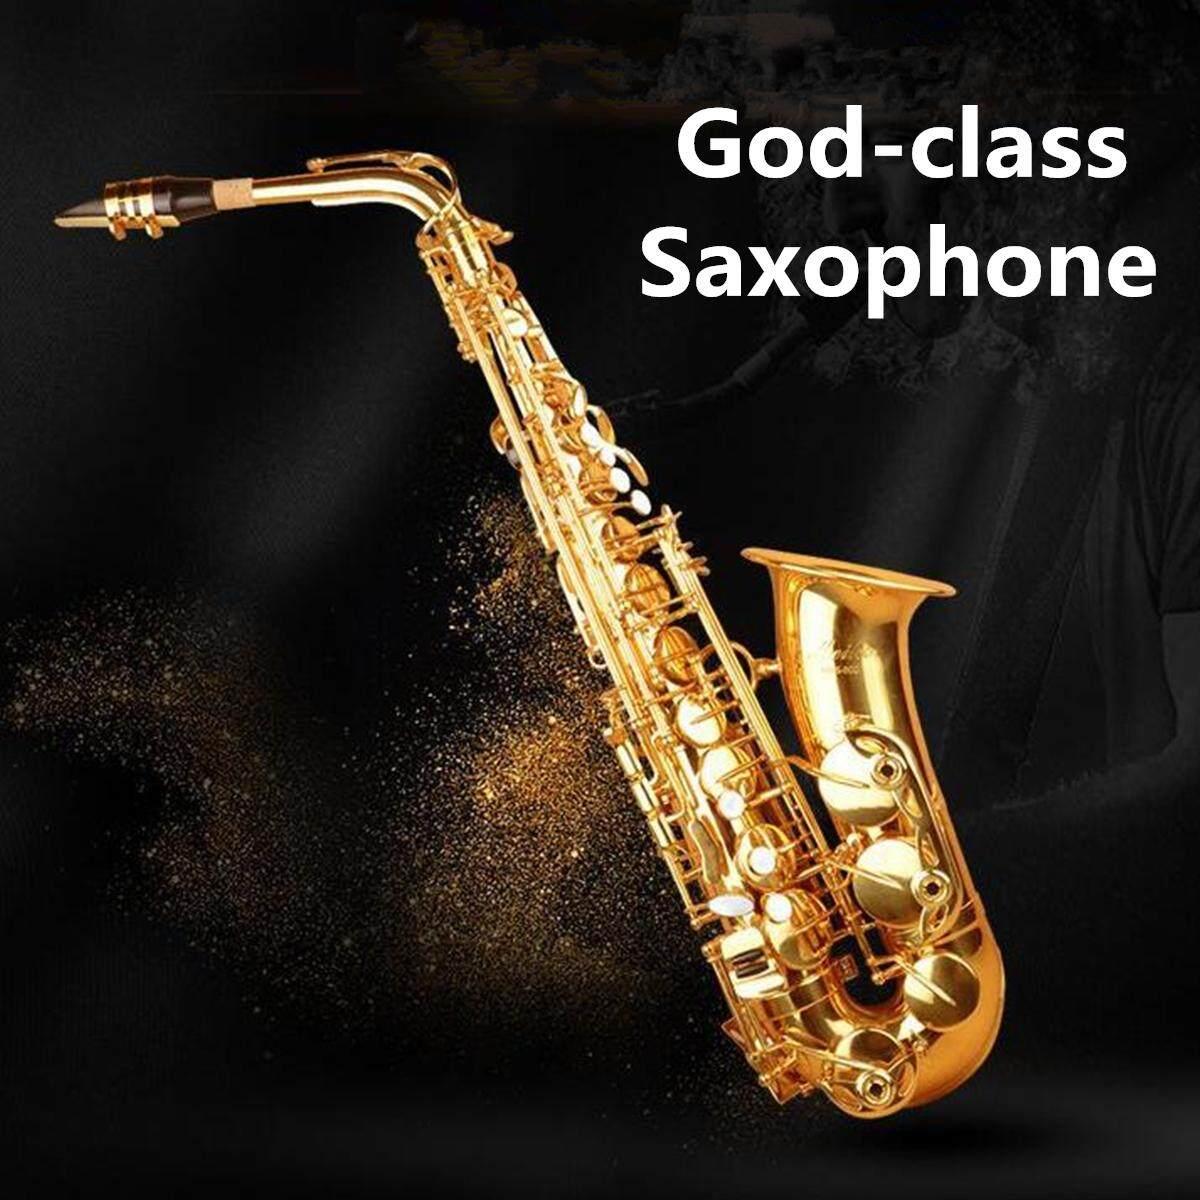 Alto Saksofon Dengan Kotak Untuk Pemula/kelas Pemeriksaan/kinerja Profesional Nada Baru Alto Saksofon Kualitas Premium Dengan Kasus Sarung Tangan Tali Bagian Mulut By Ferry.